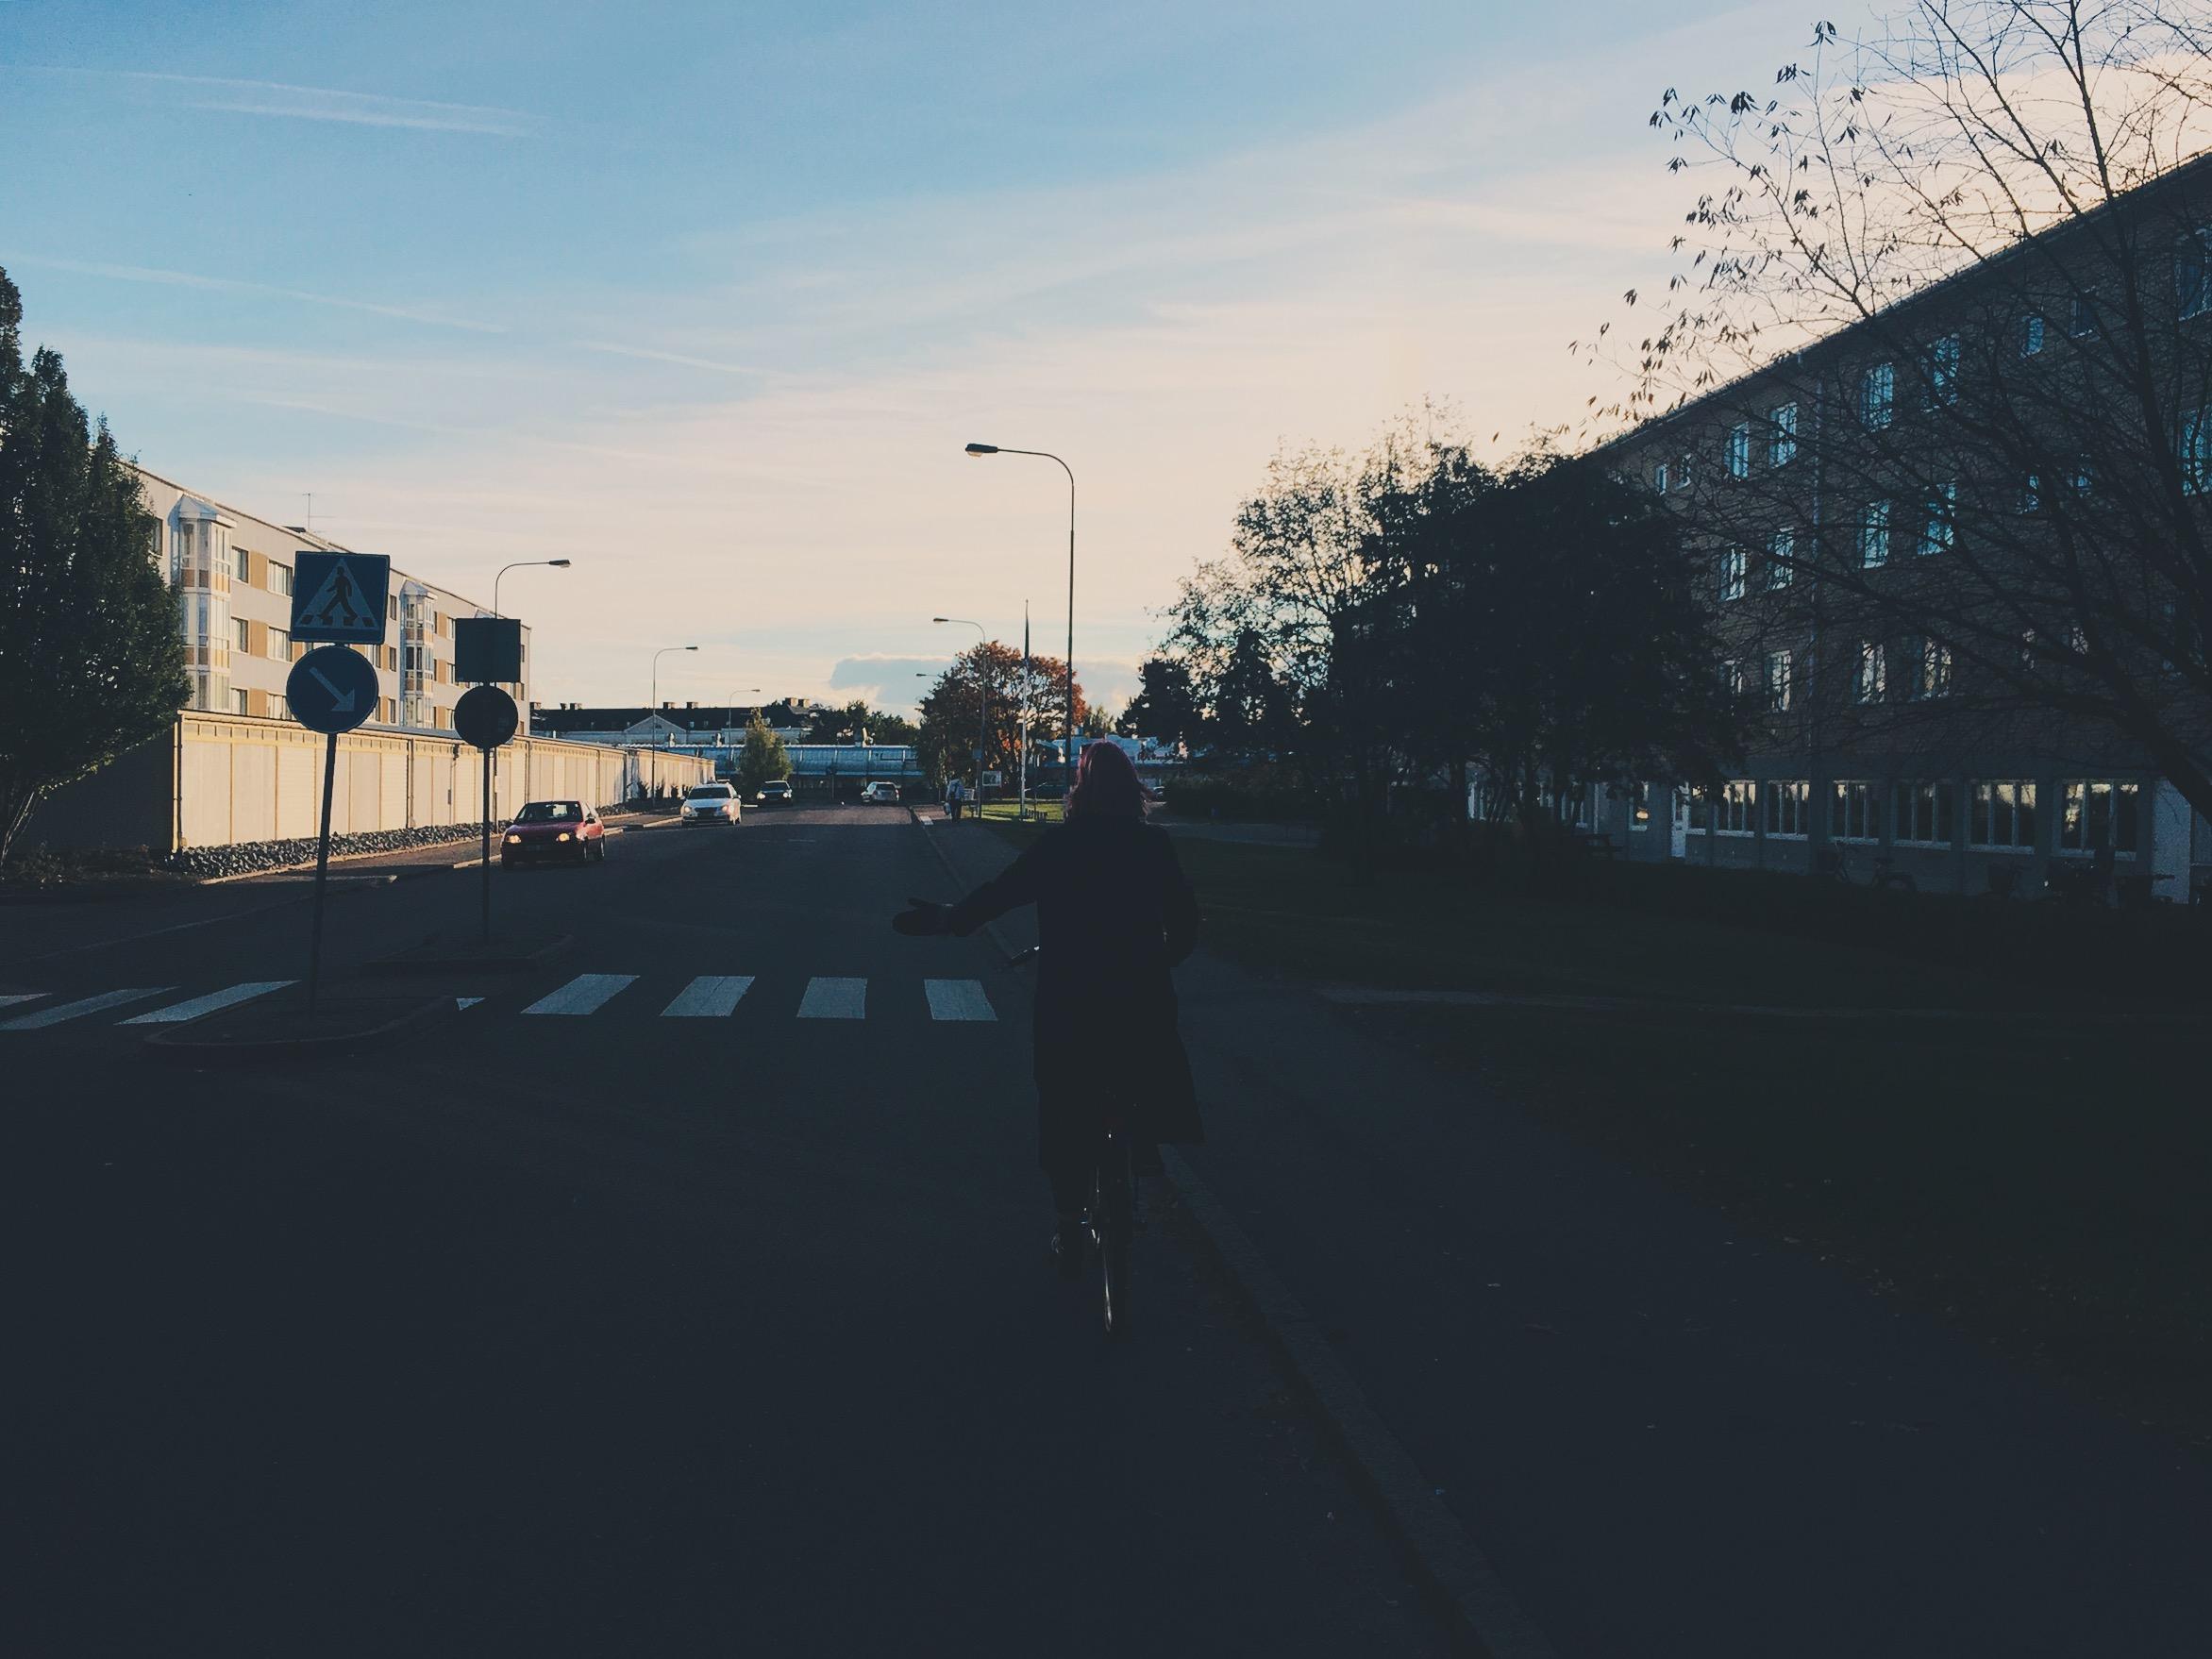 Cykla runt i Västerås